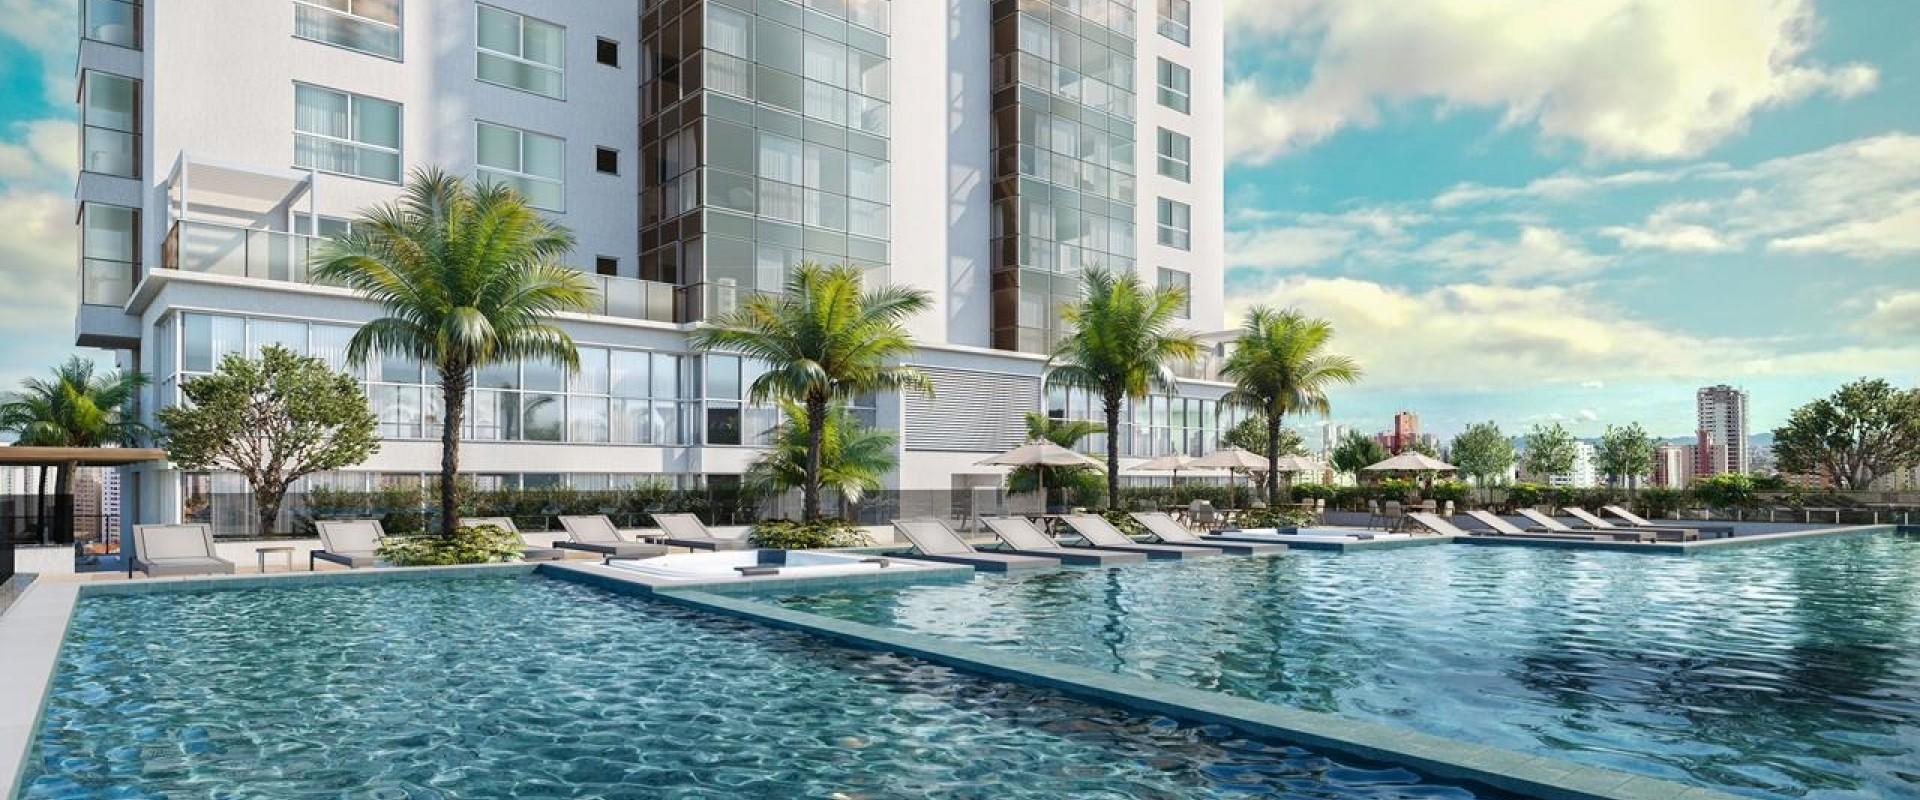 Grand Place Apartamento em lançamento da FG, Grand Place em Balneário Camboriú.